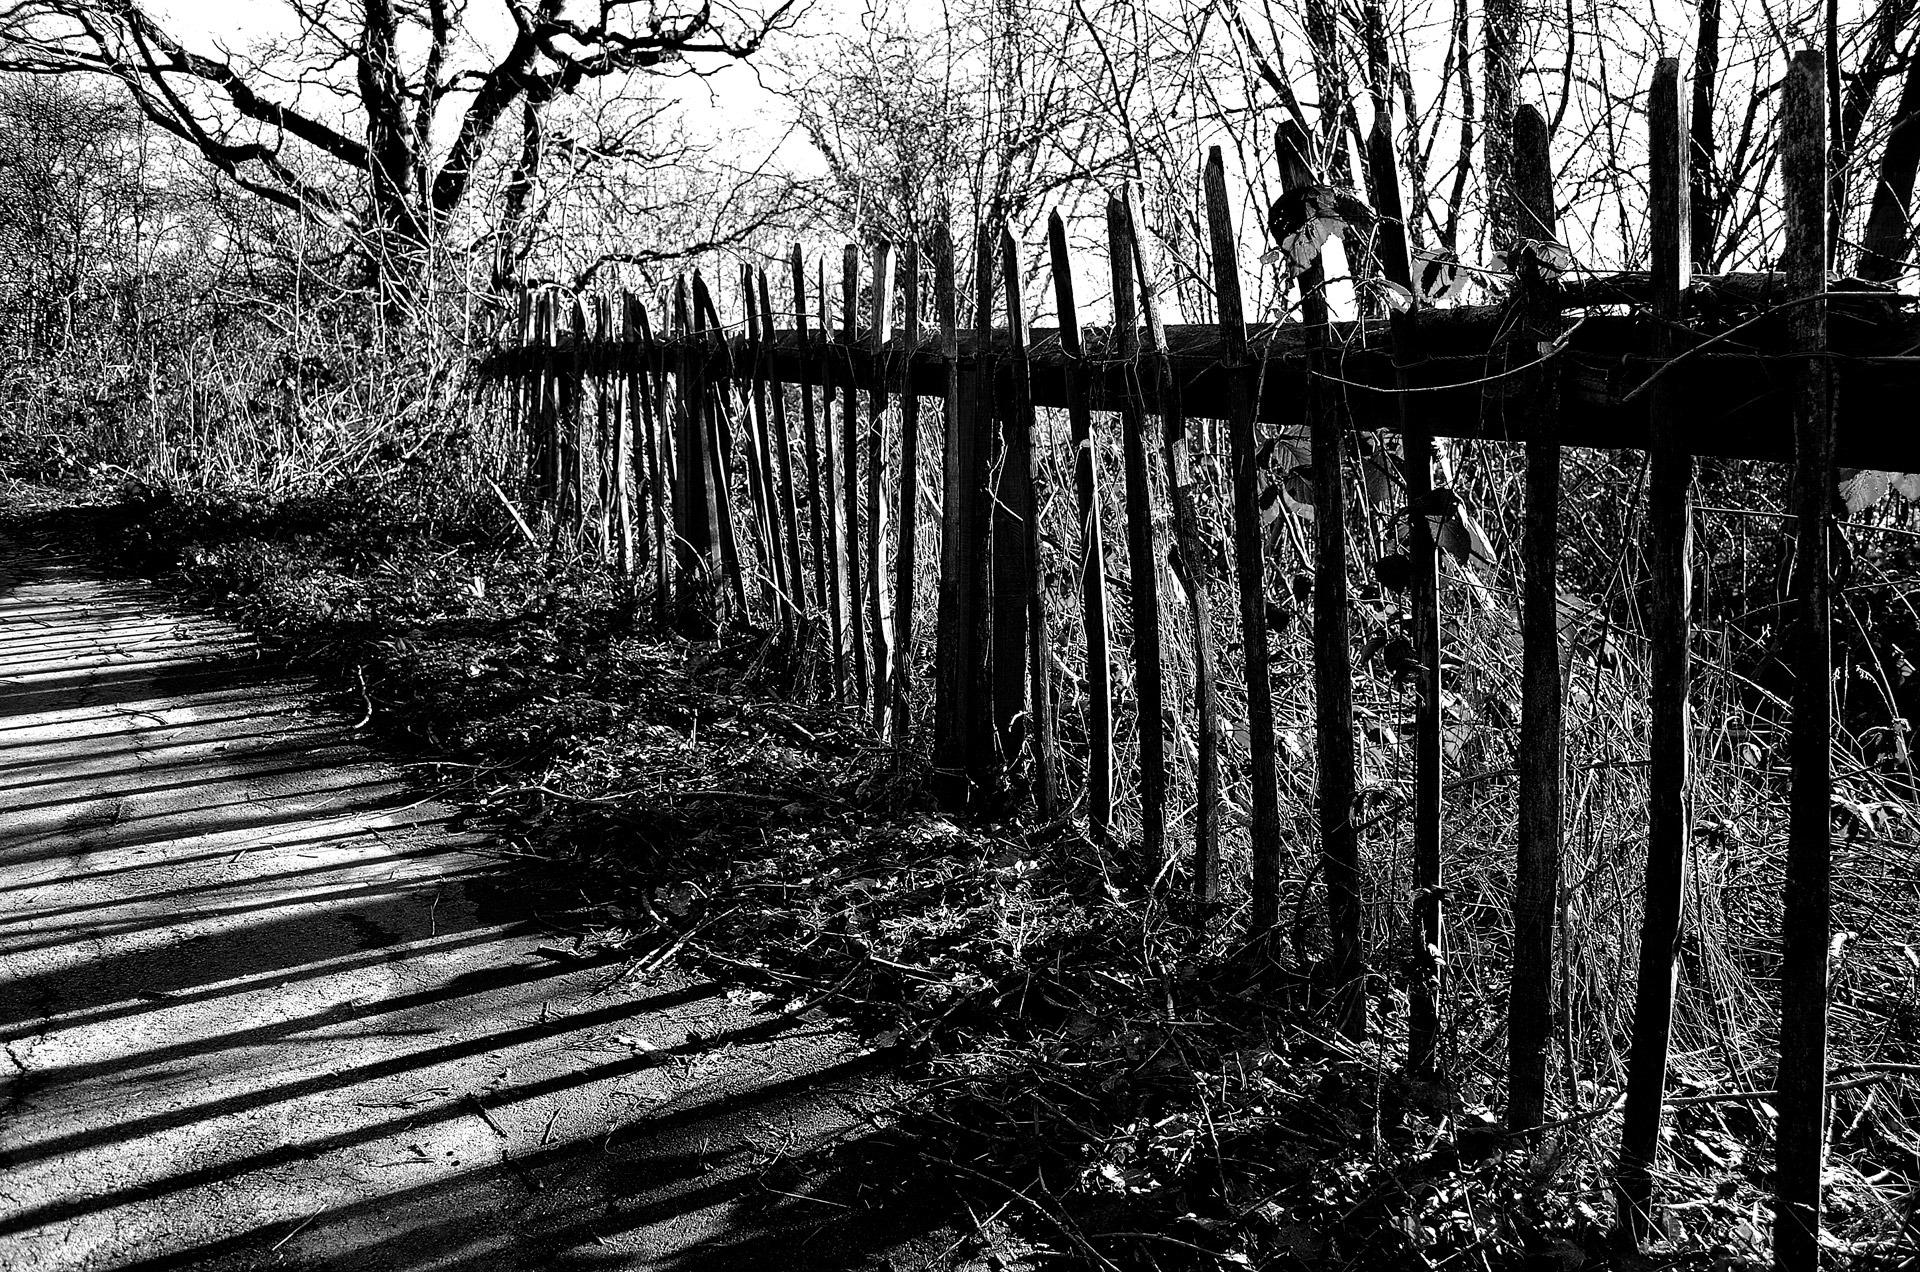 Kostenlose foto Baum Natur Wald Zaun Schwarz und weiß Holz